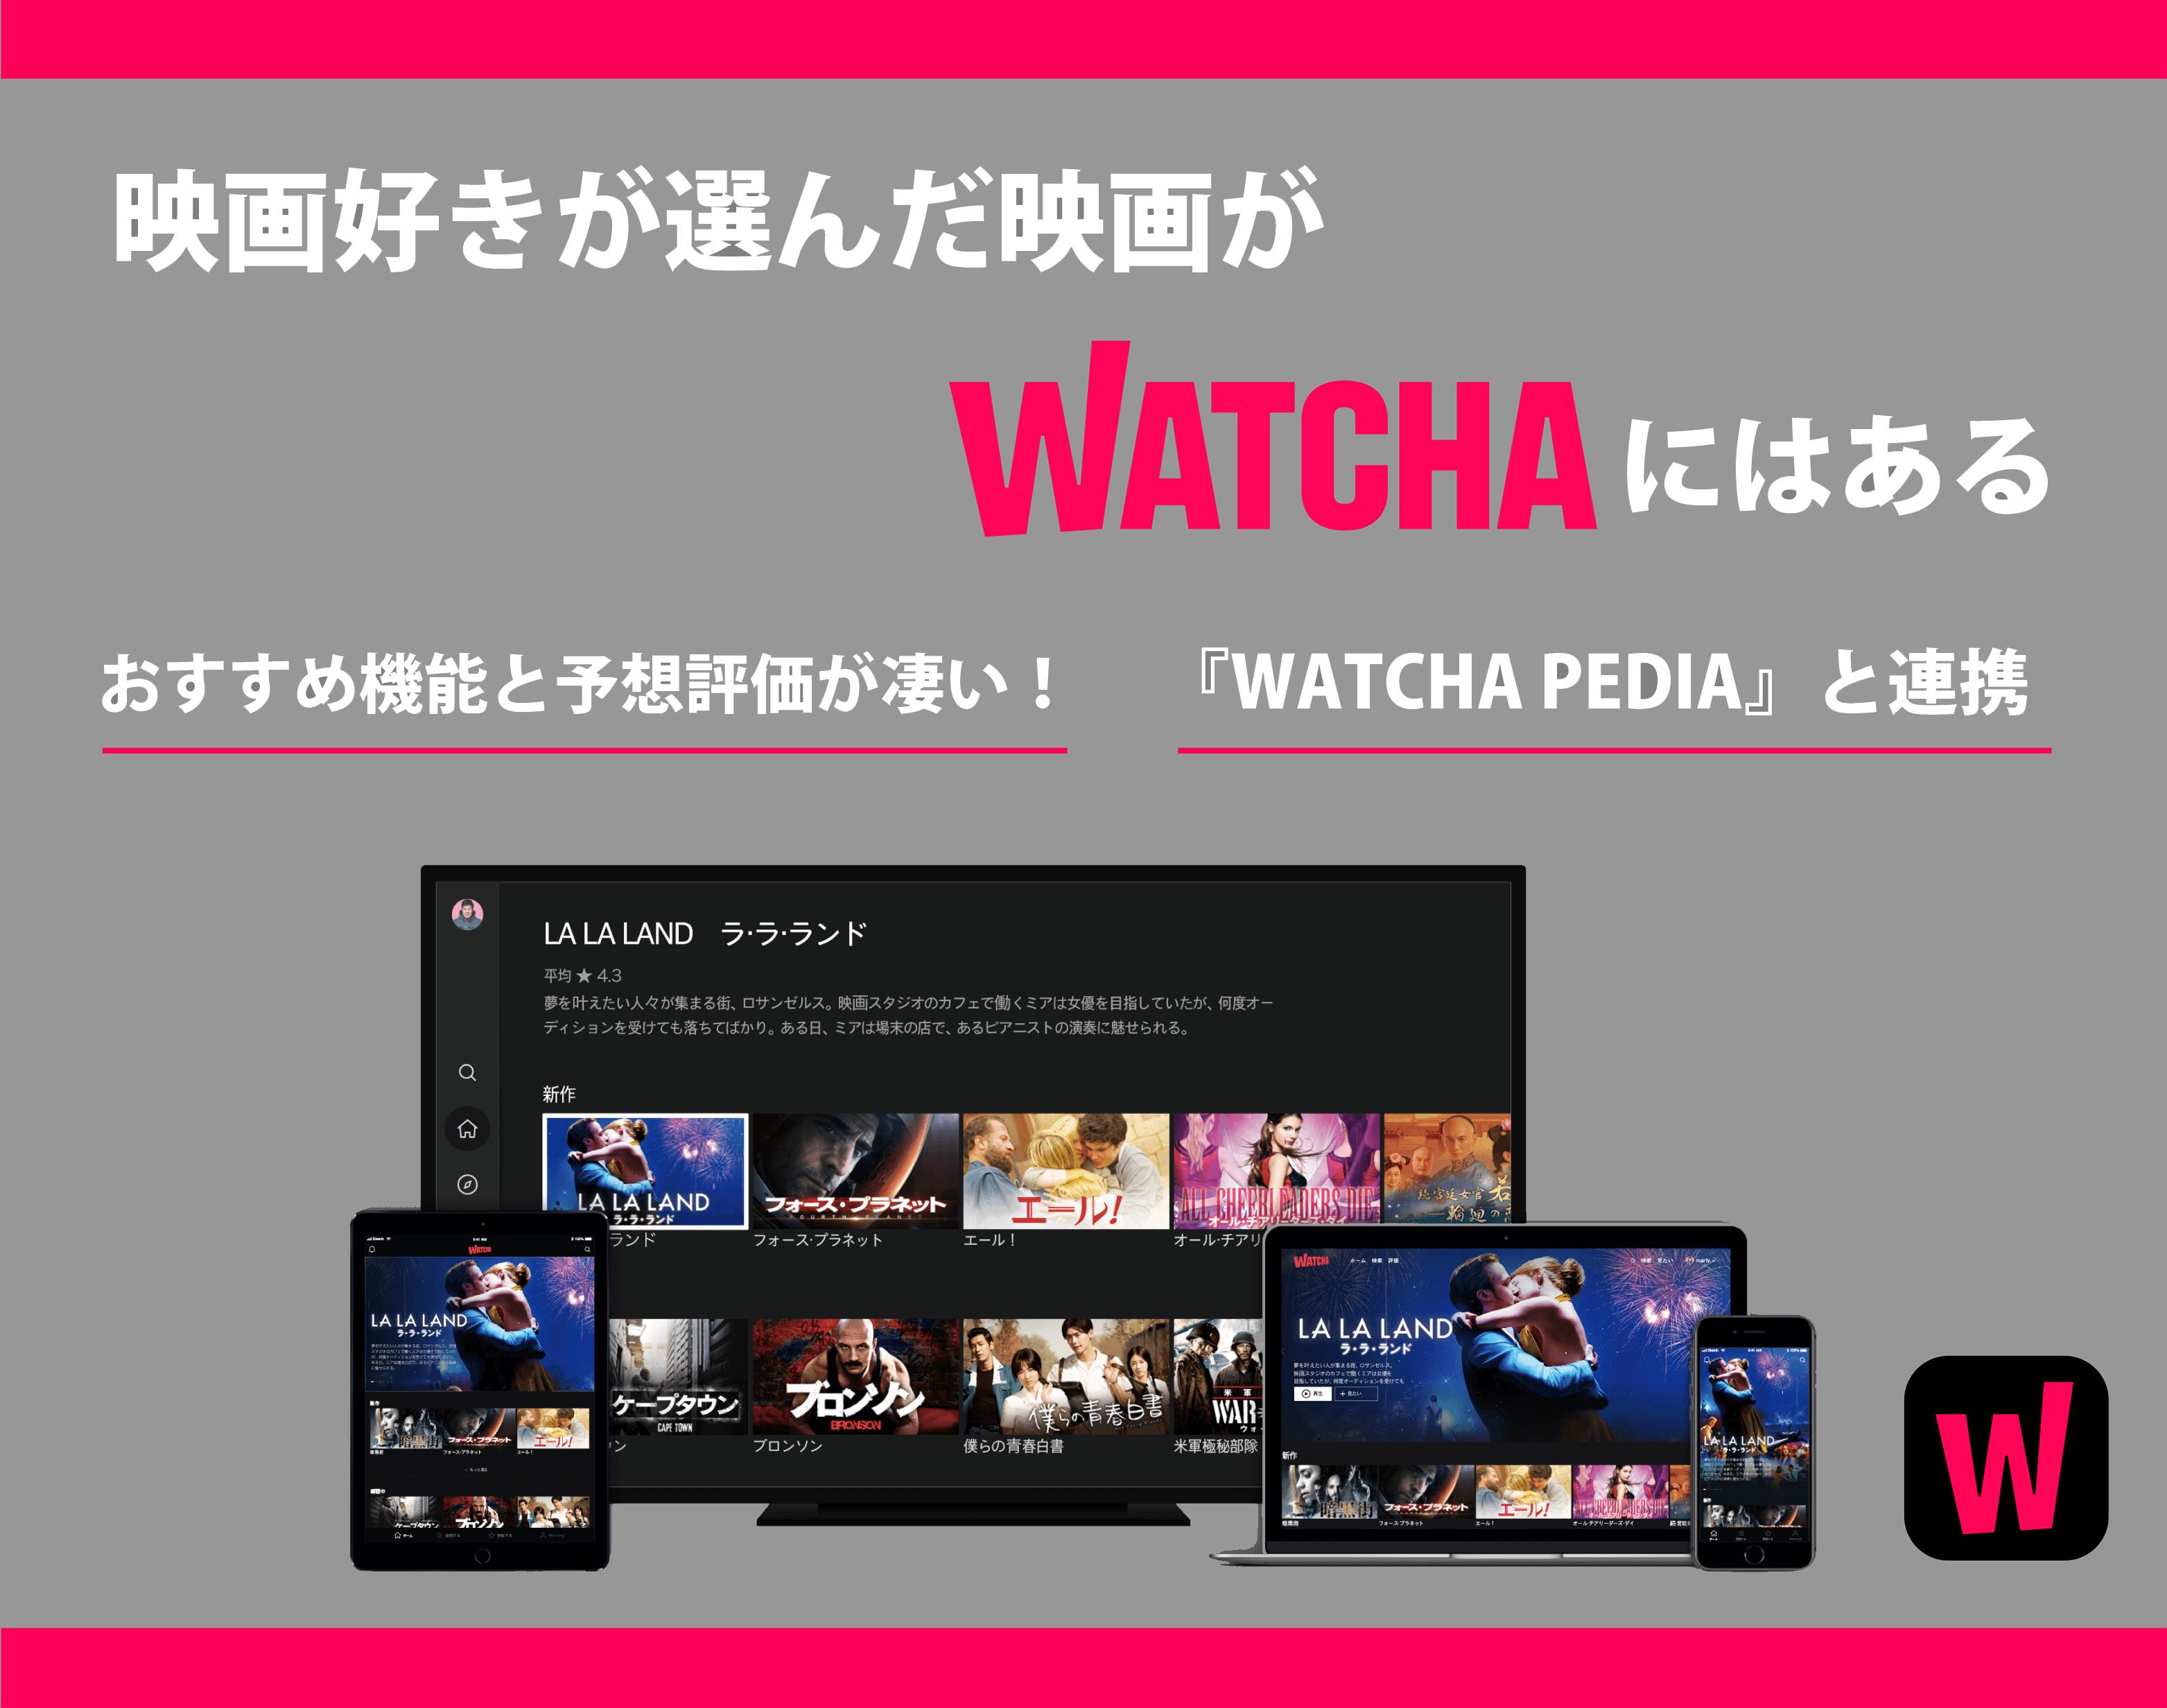 WATCHA サービス説明 SP